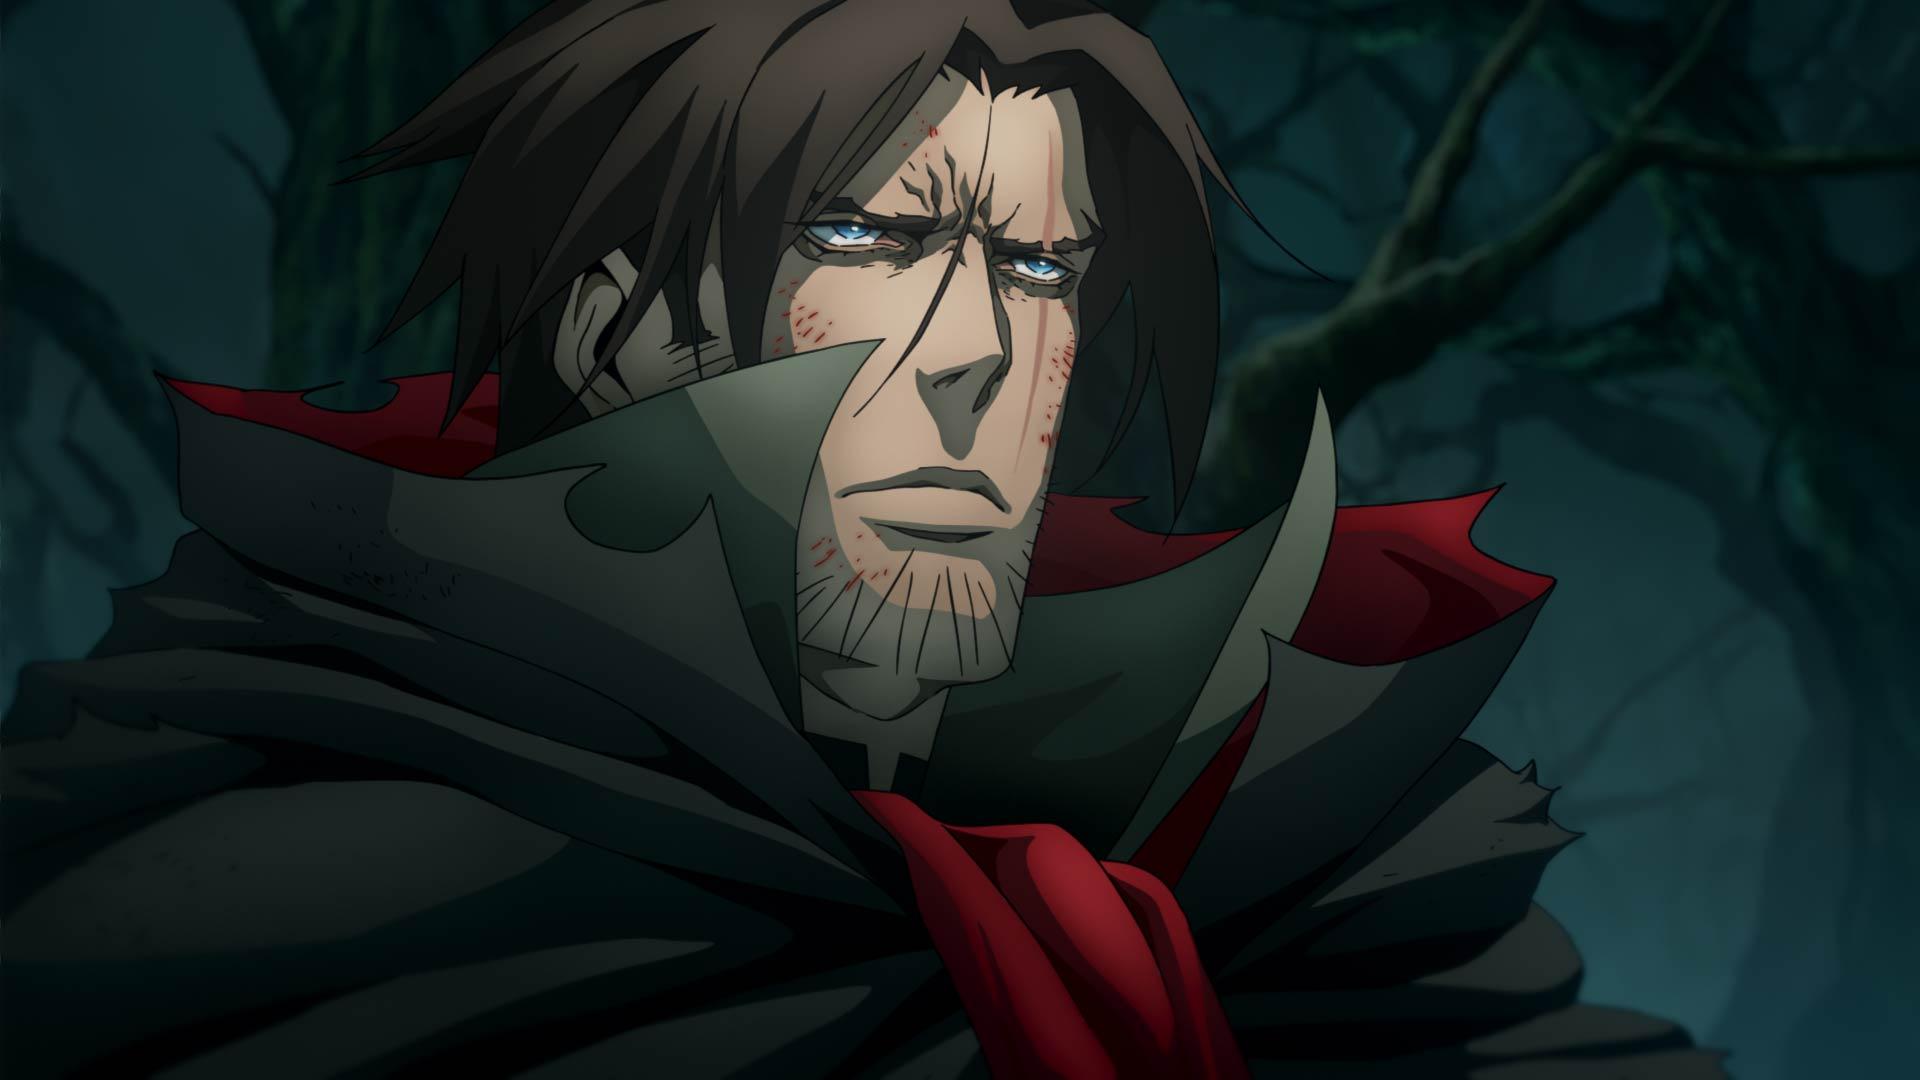 Castlevania terminará com quarta temporada, veja o teaser e data de estreia